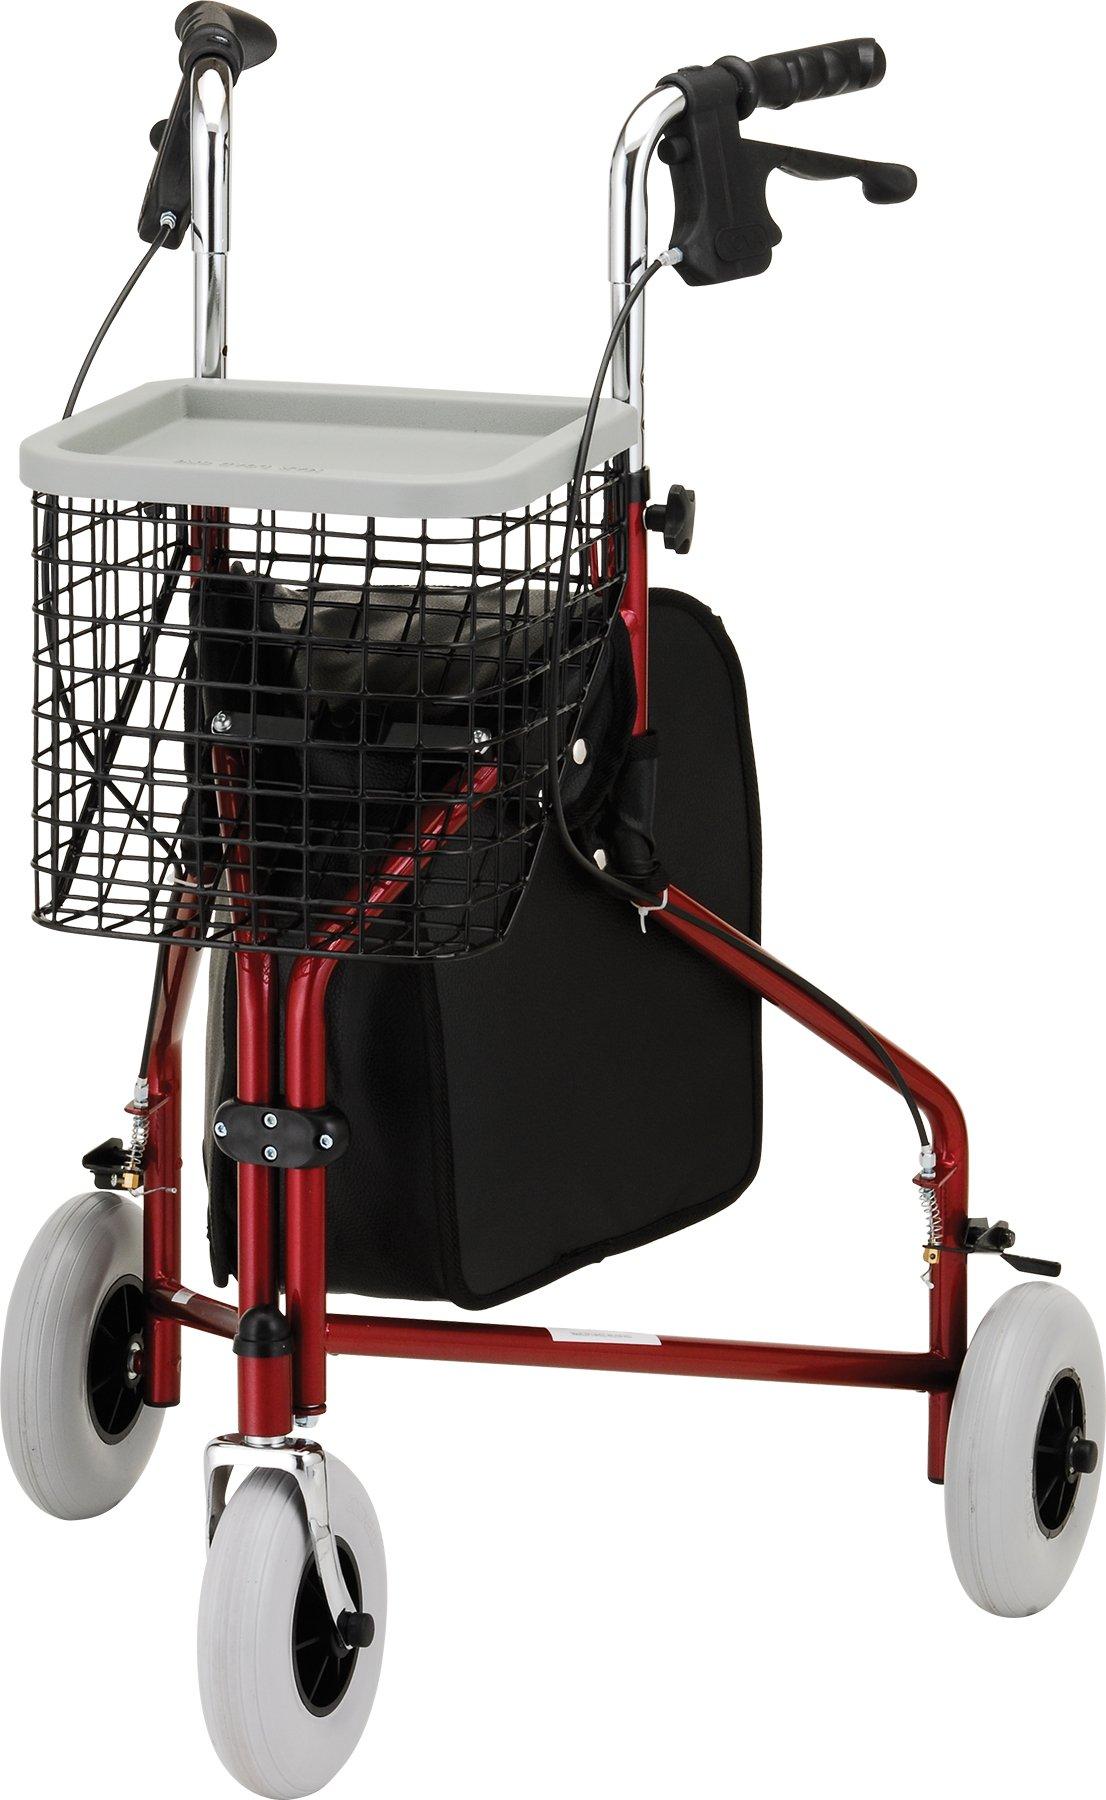 NOVA Traveler 3-Wheeled Rollator Walker, Red